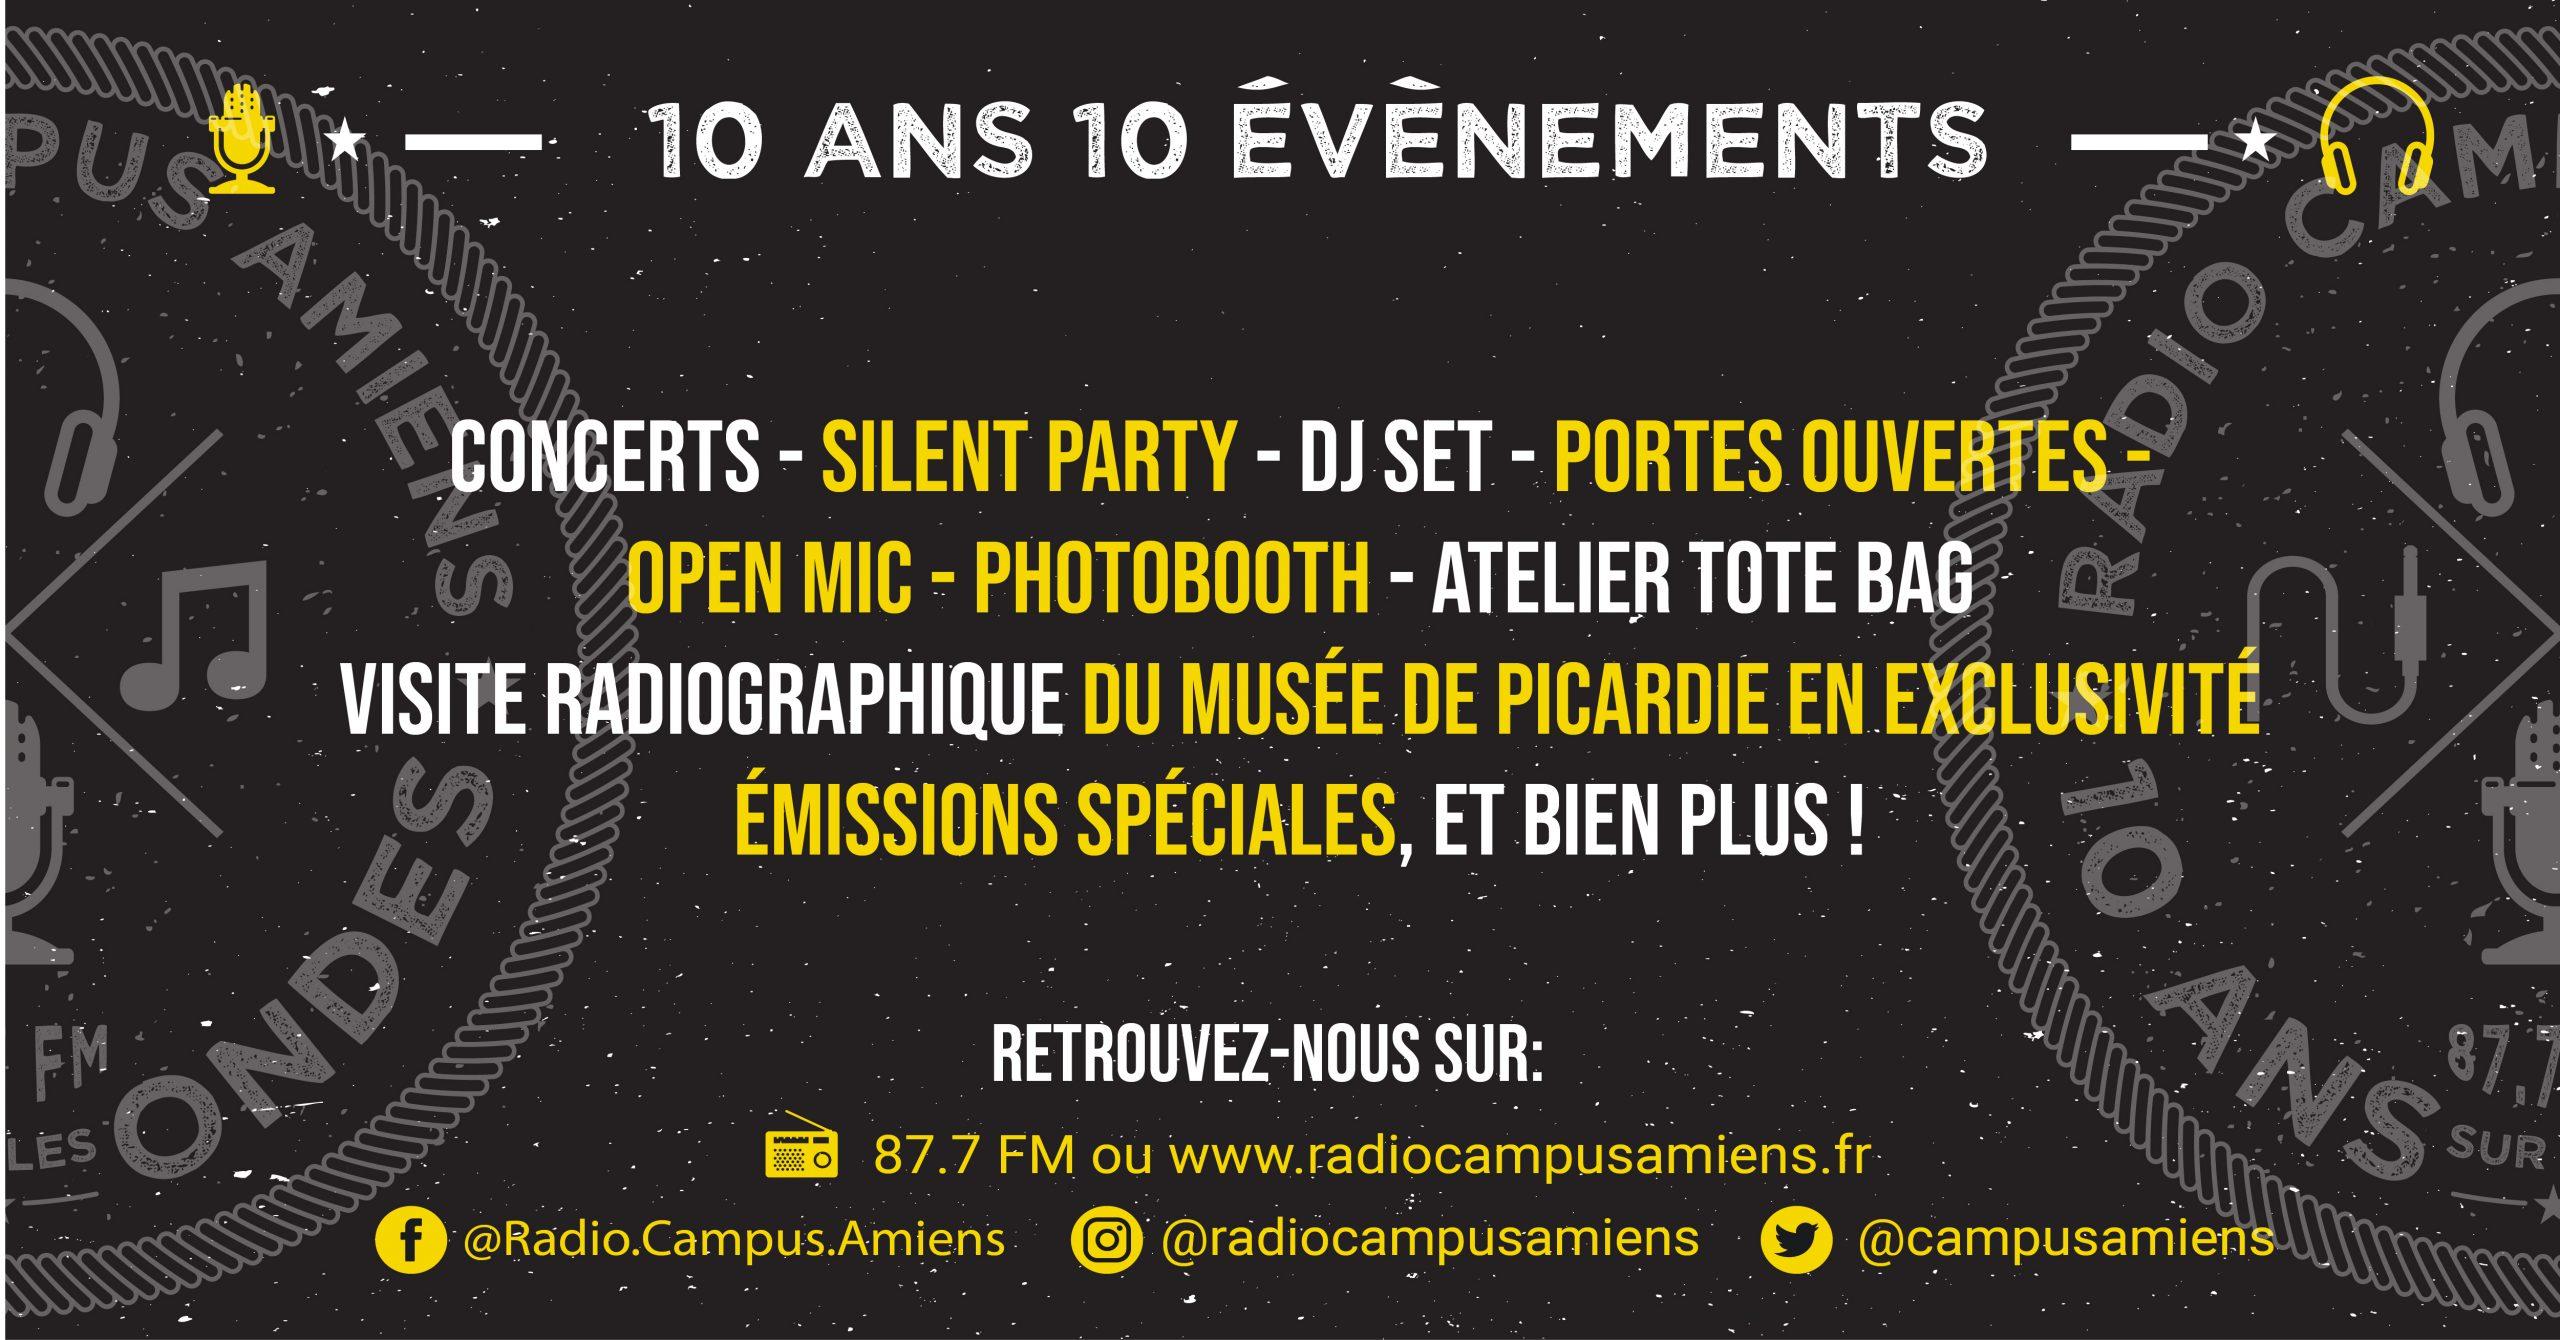 Les 10 ans de Radio Campus Amiens !